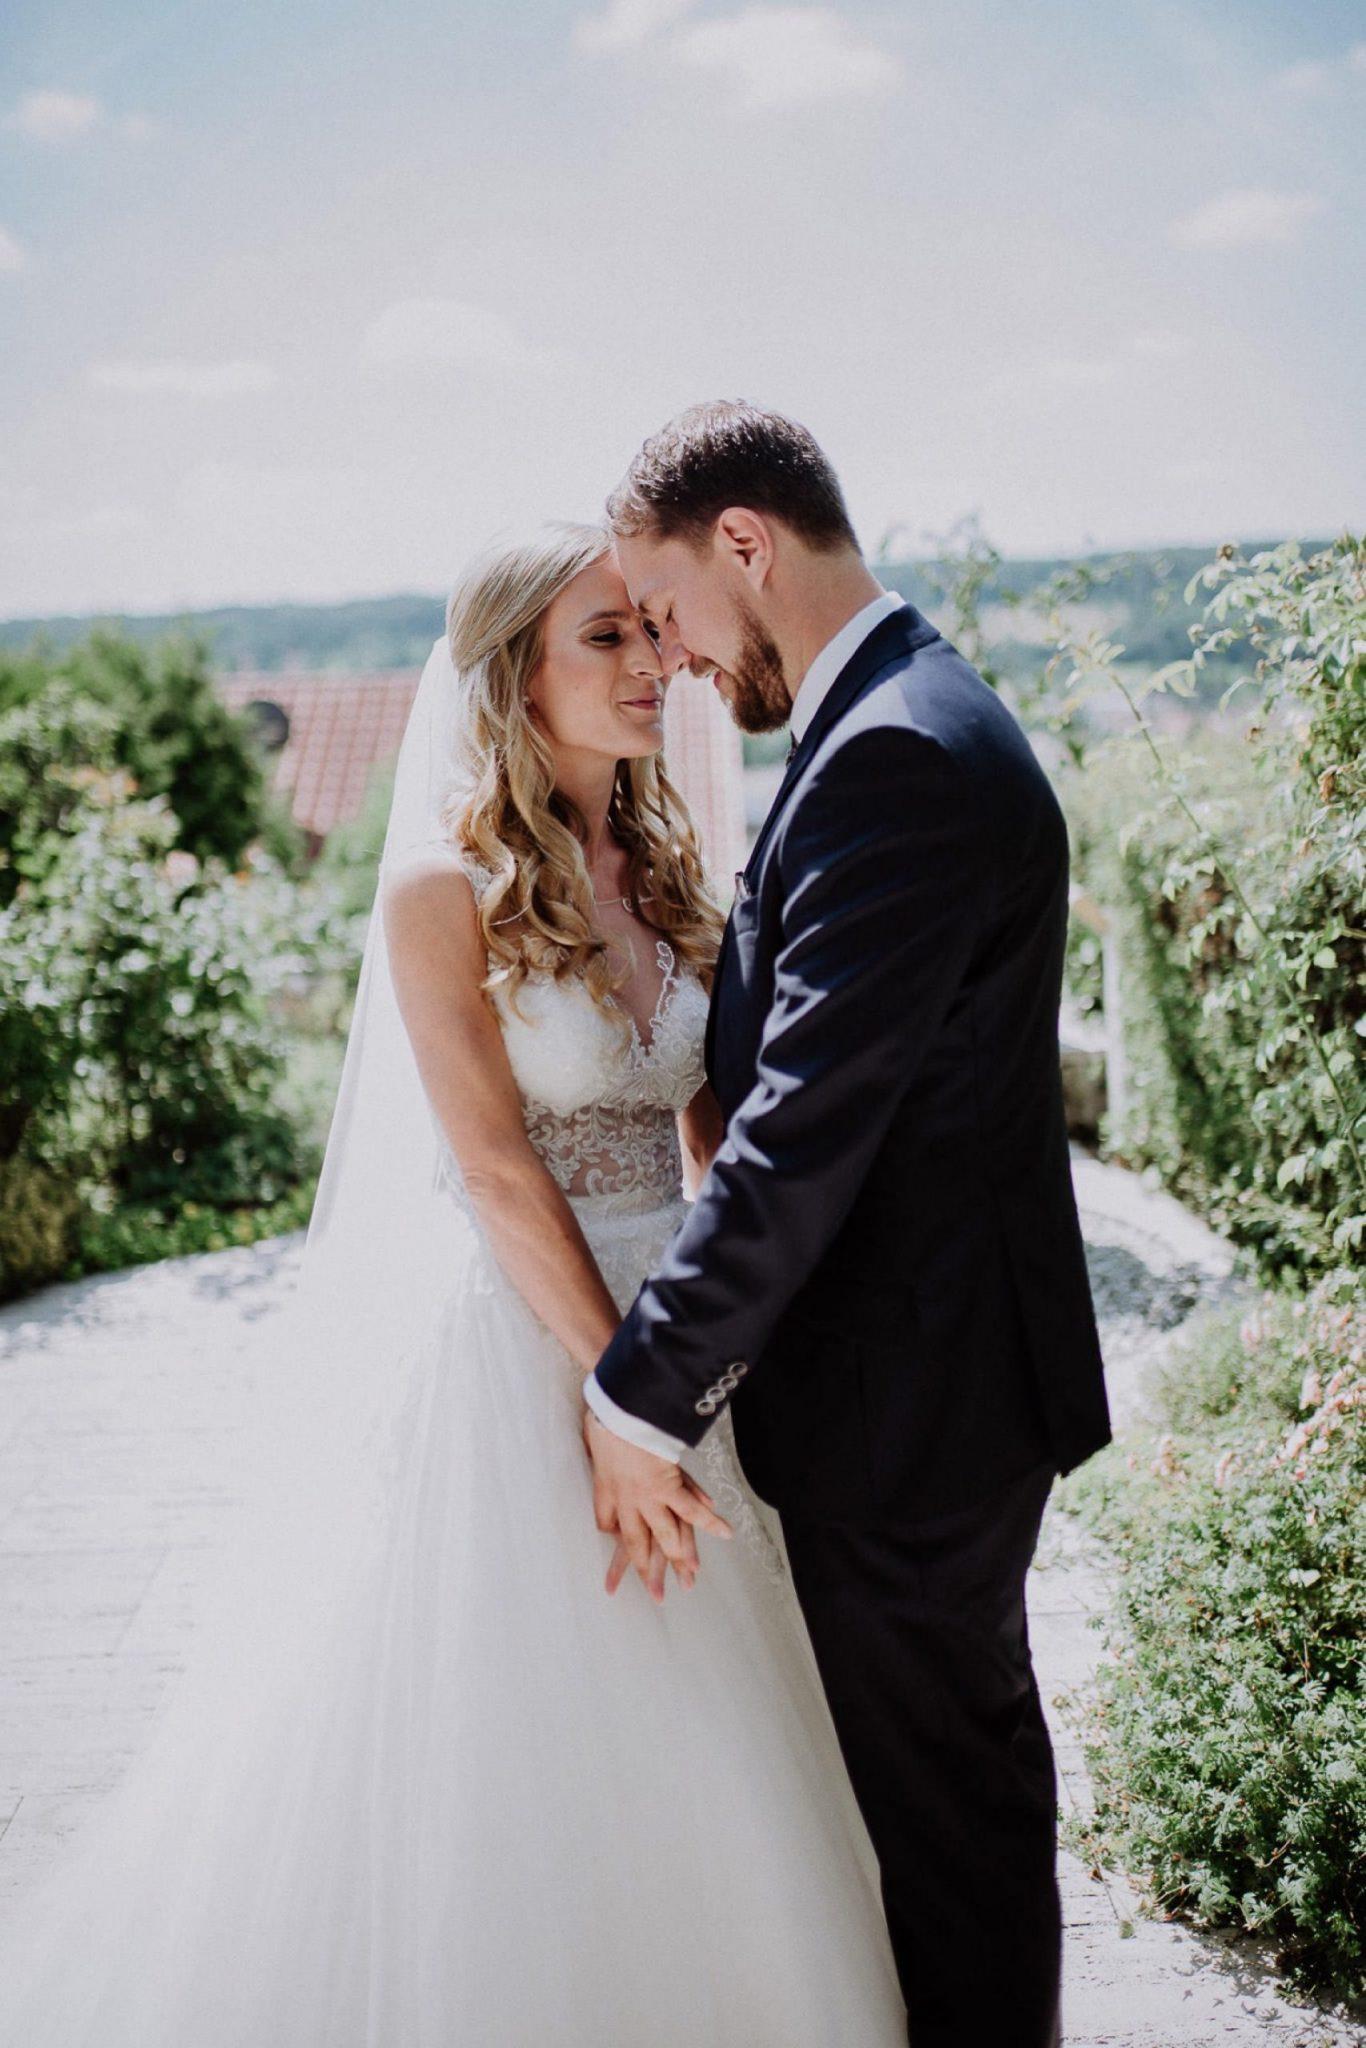 wedding photographer hamilton new zealand 1008 2 scaled